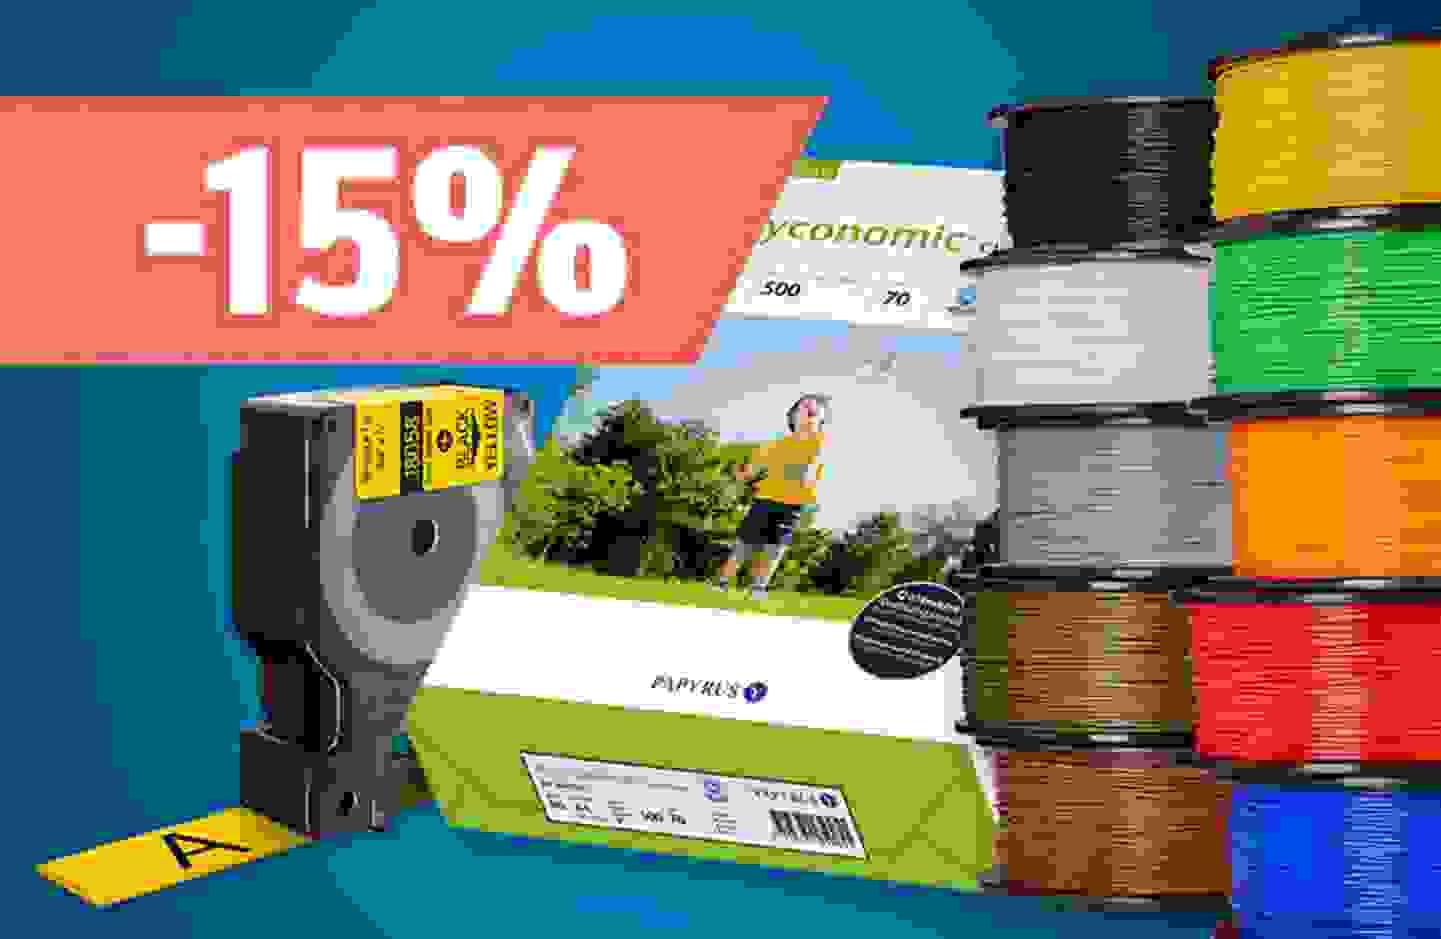 Remise sur gamme: 15% de remise sur les papier, films, étiquettes et les filaments pour imprimantes 3D - En profiter »